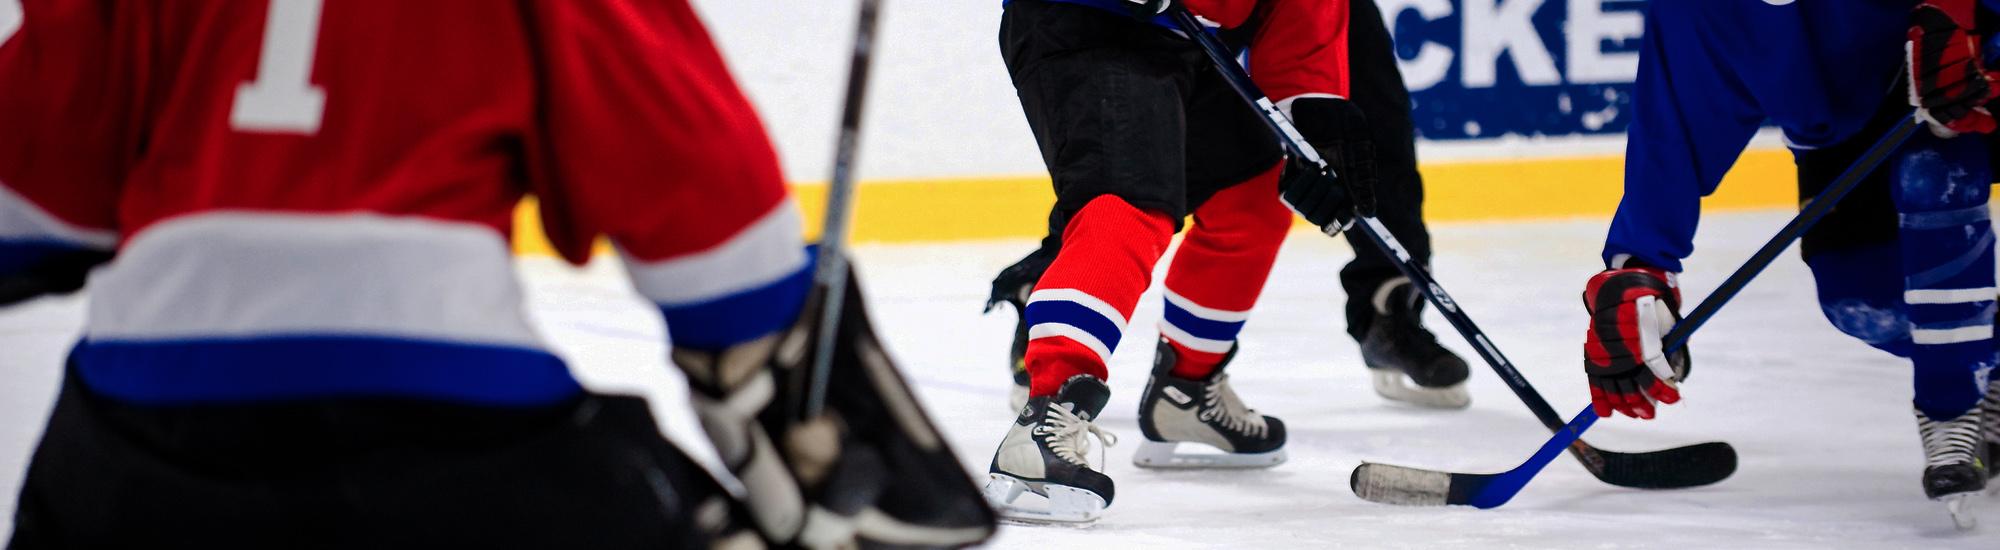 1-hockey